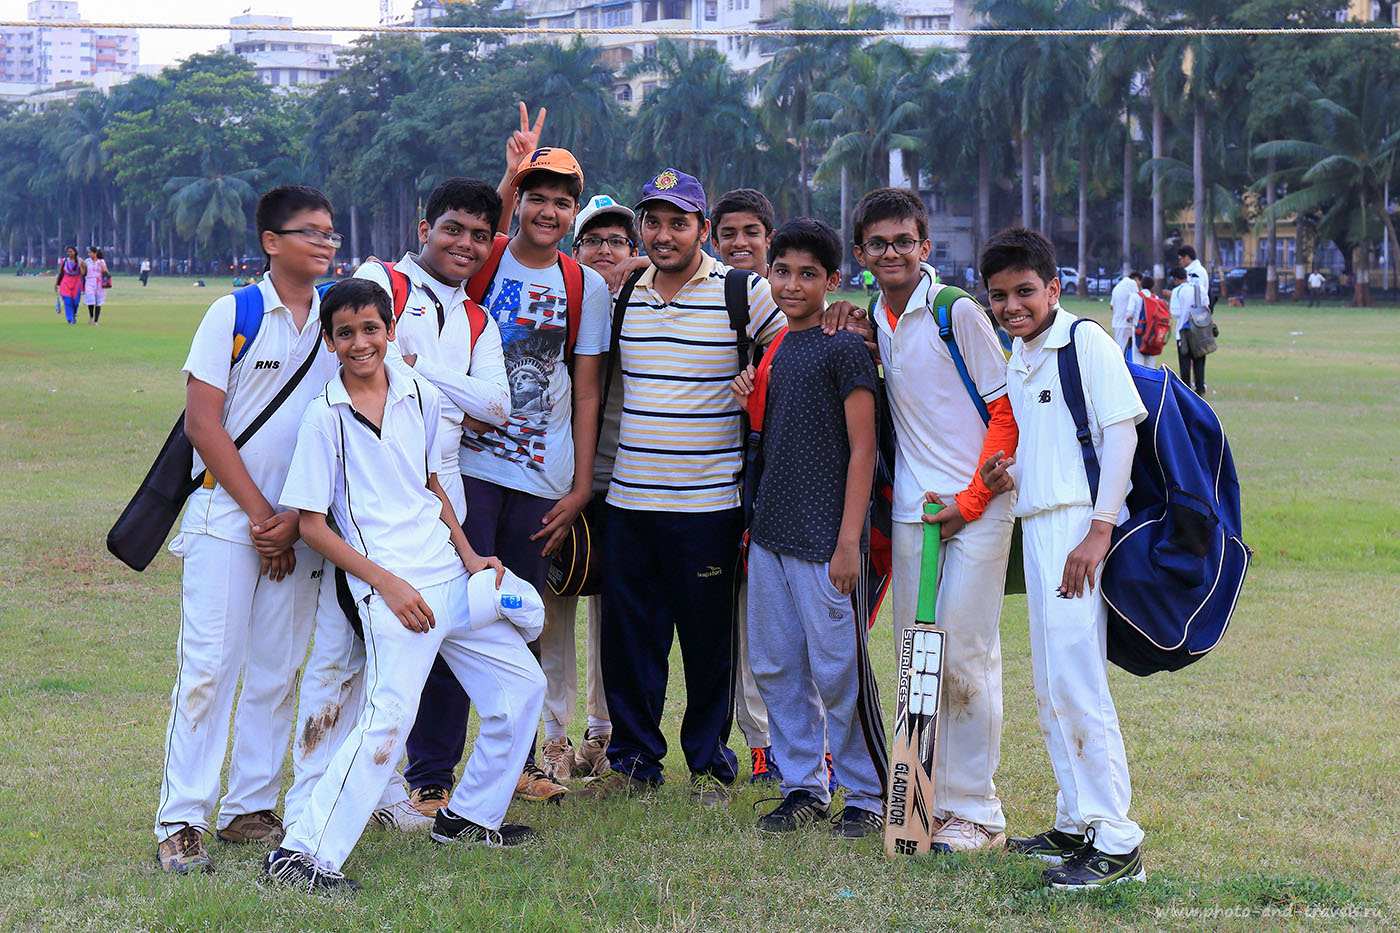 Фото 34. Игроки-мальчишки.Отчет о путешествии по Индии самостоятельно. (Canon EOS 6D. Canon 24-70, параметры 1/25, -1eV, f9, 53 mm, ISO 320)